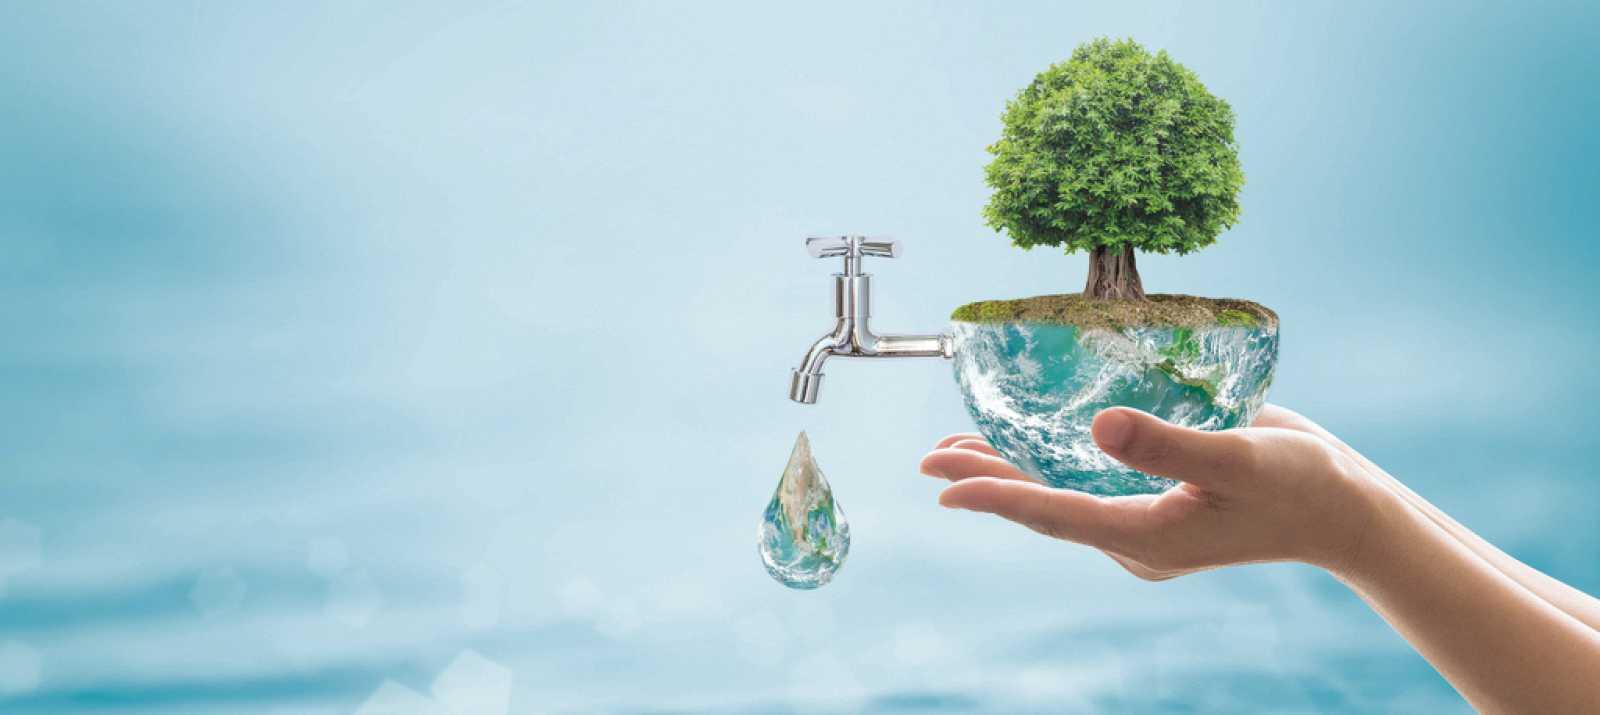 En Directe a Ràdio 4 - Vida Verda: l'aigua com a mercaderia?